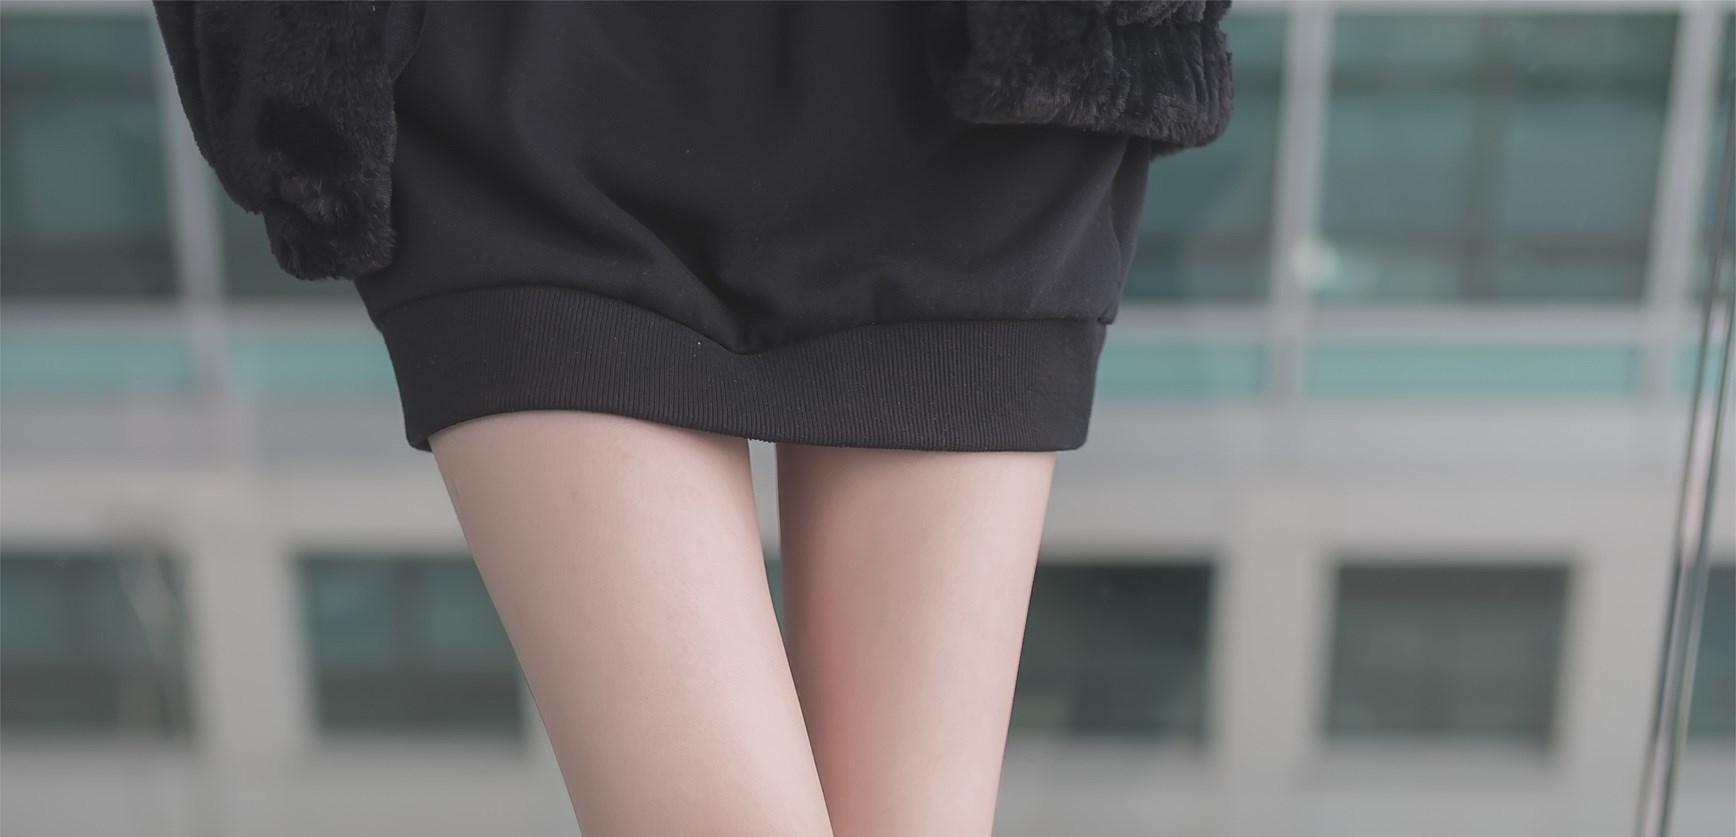 【兔玩映画】令人羡慕的小细腿 兔玩映画 第8张